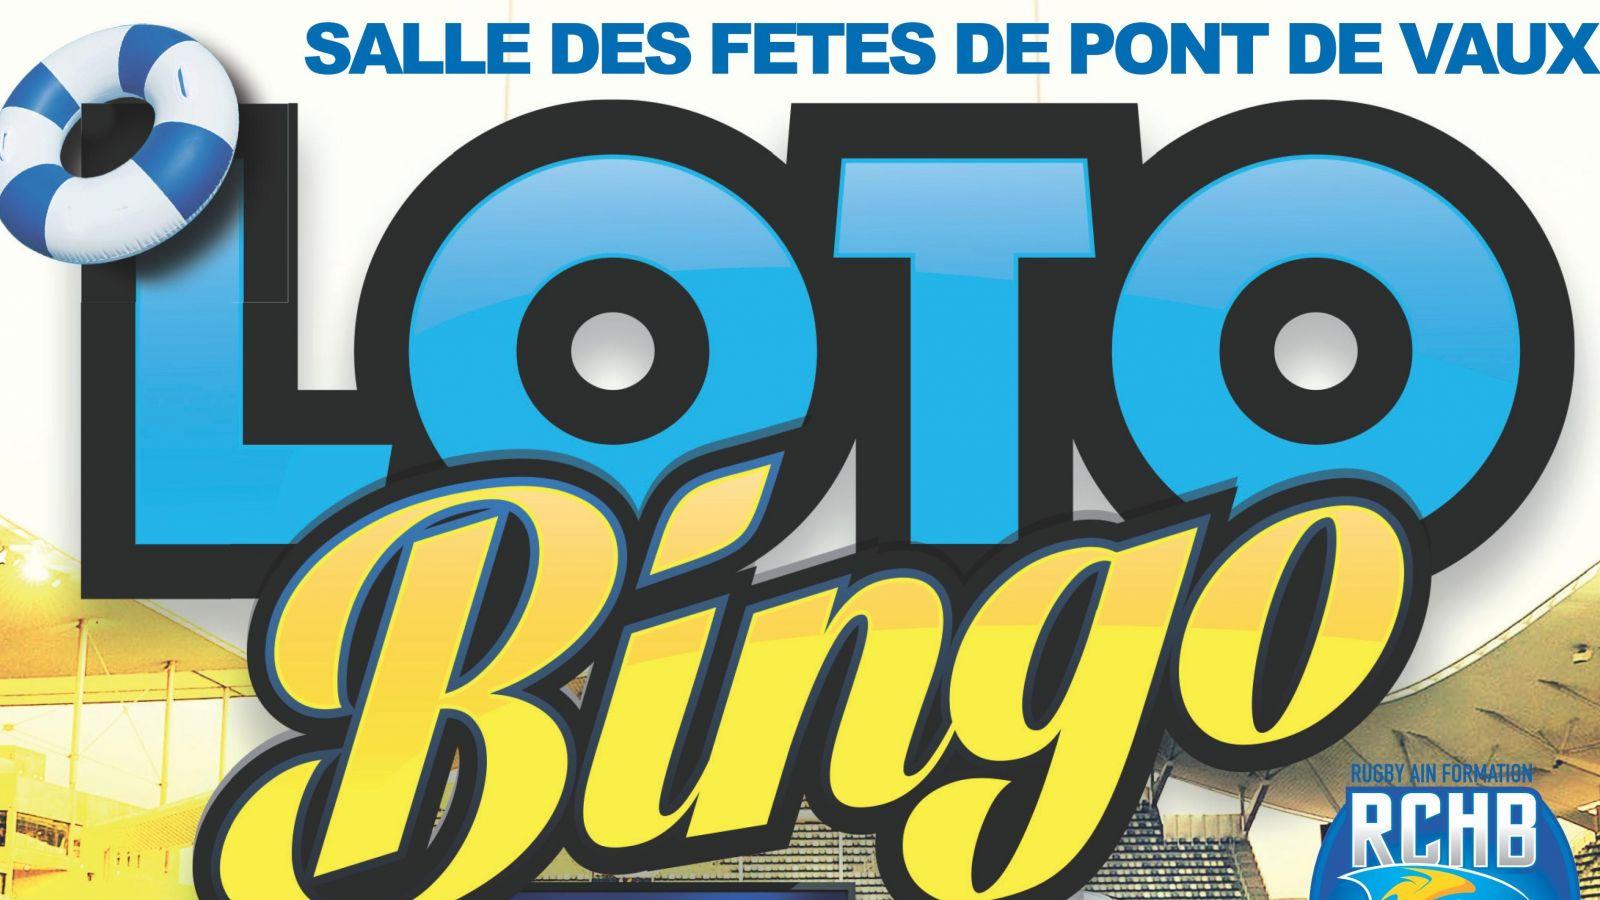 Loto / Bingo du RCHB, samedi 7 mars 2020